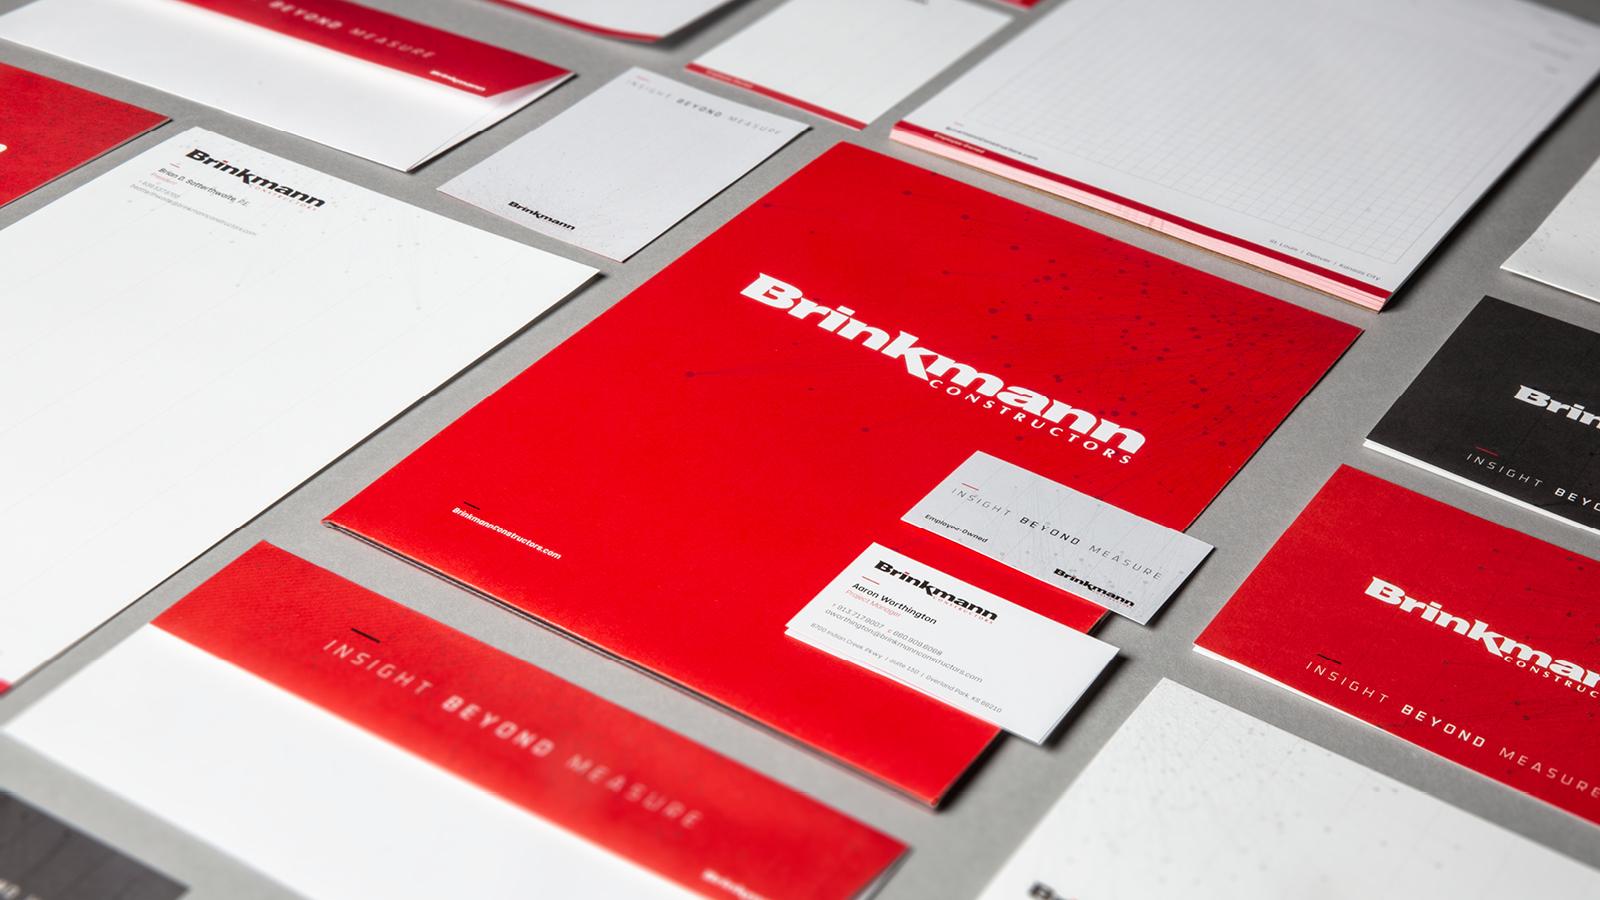 Aerial shot of Brinkmann Constructors brand materials